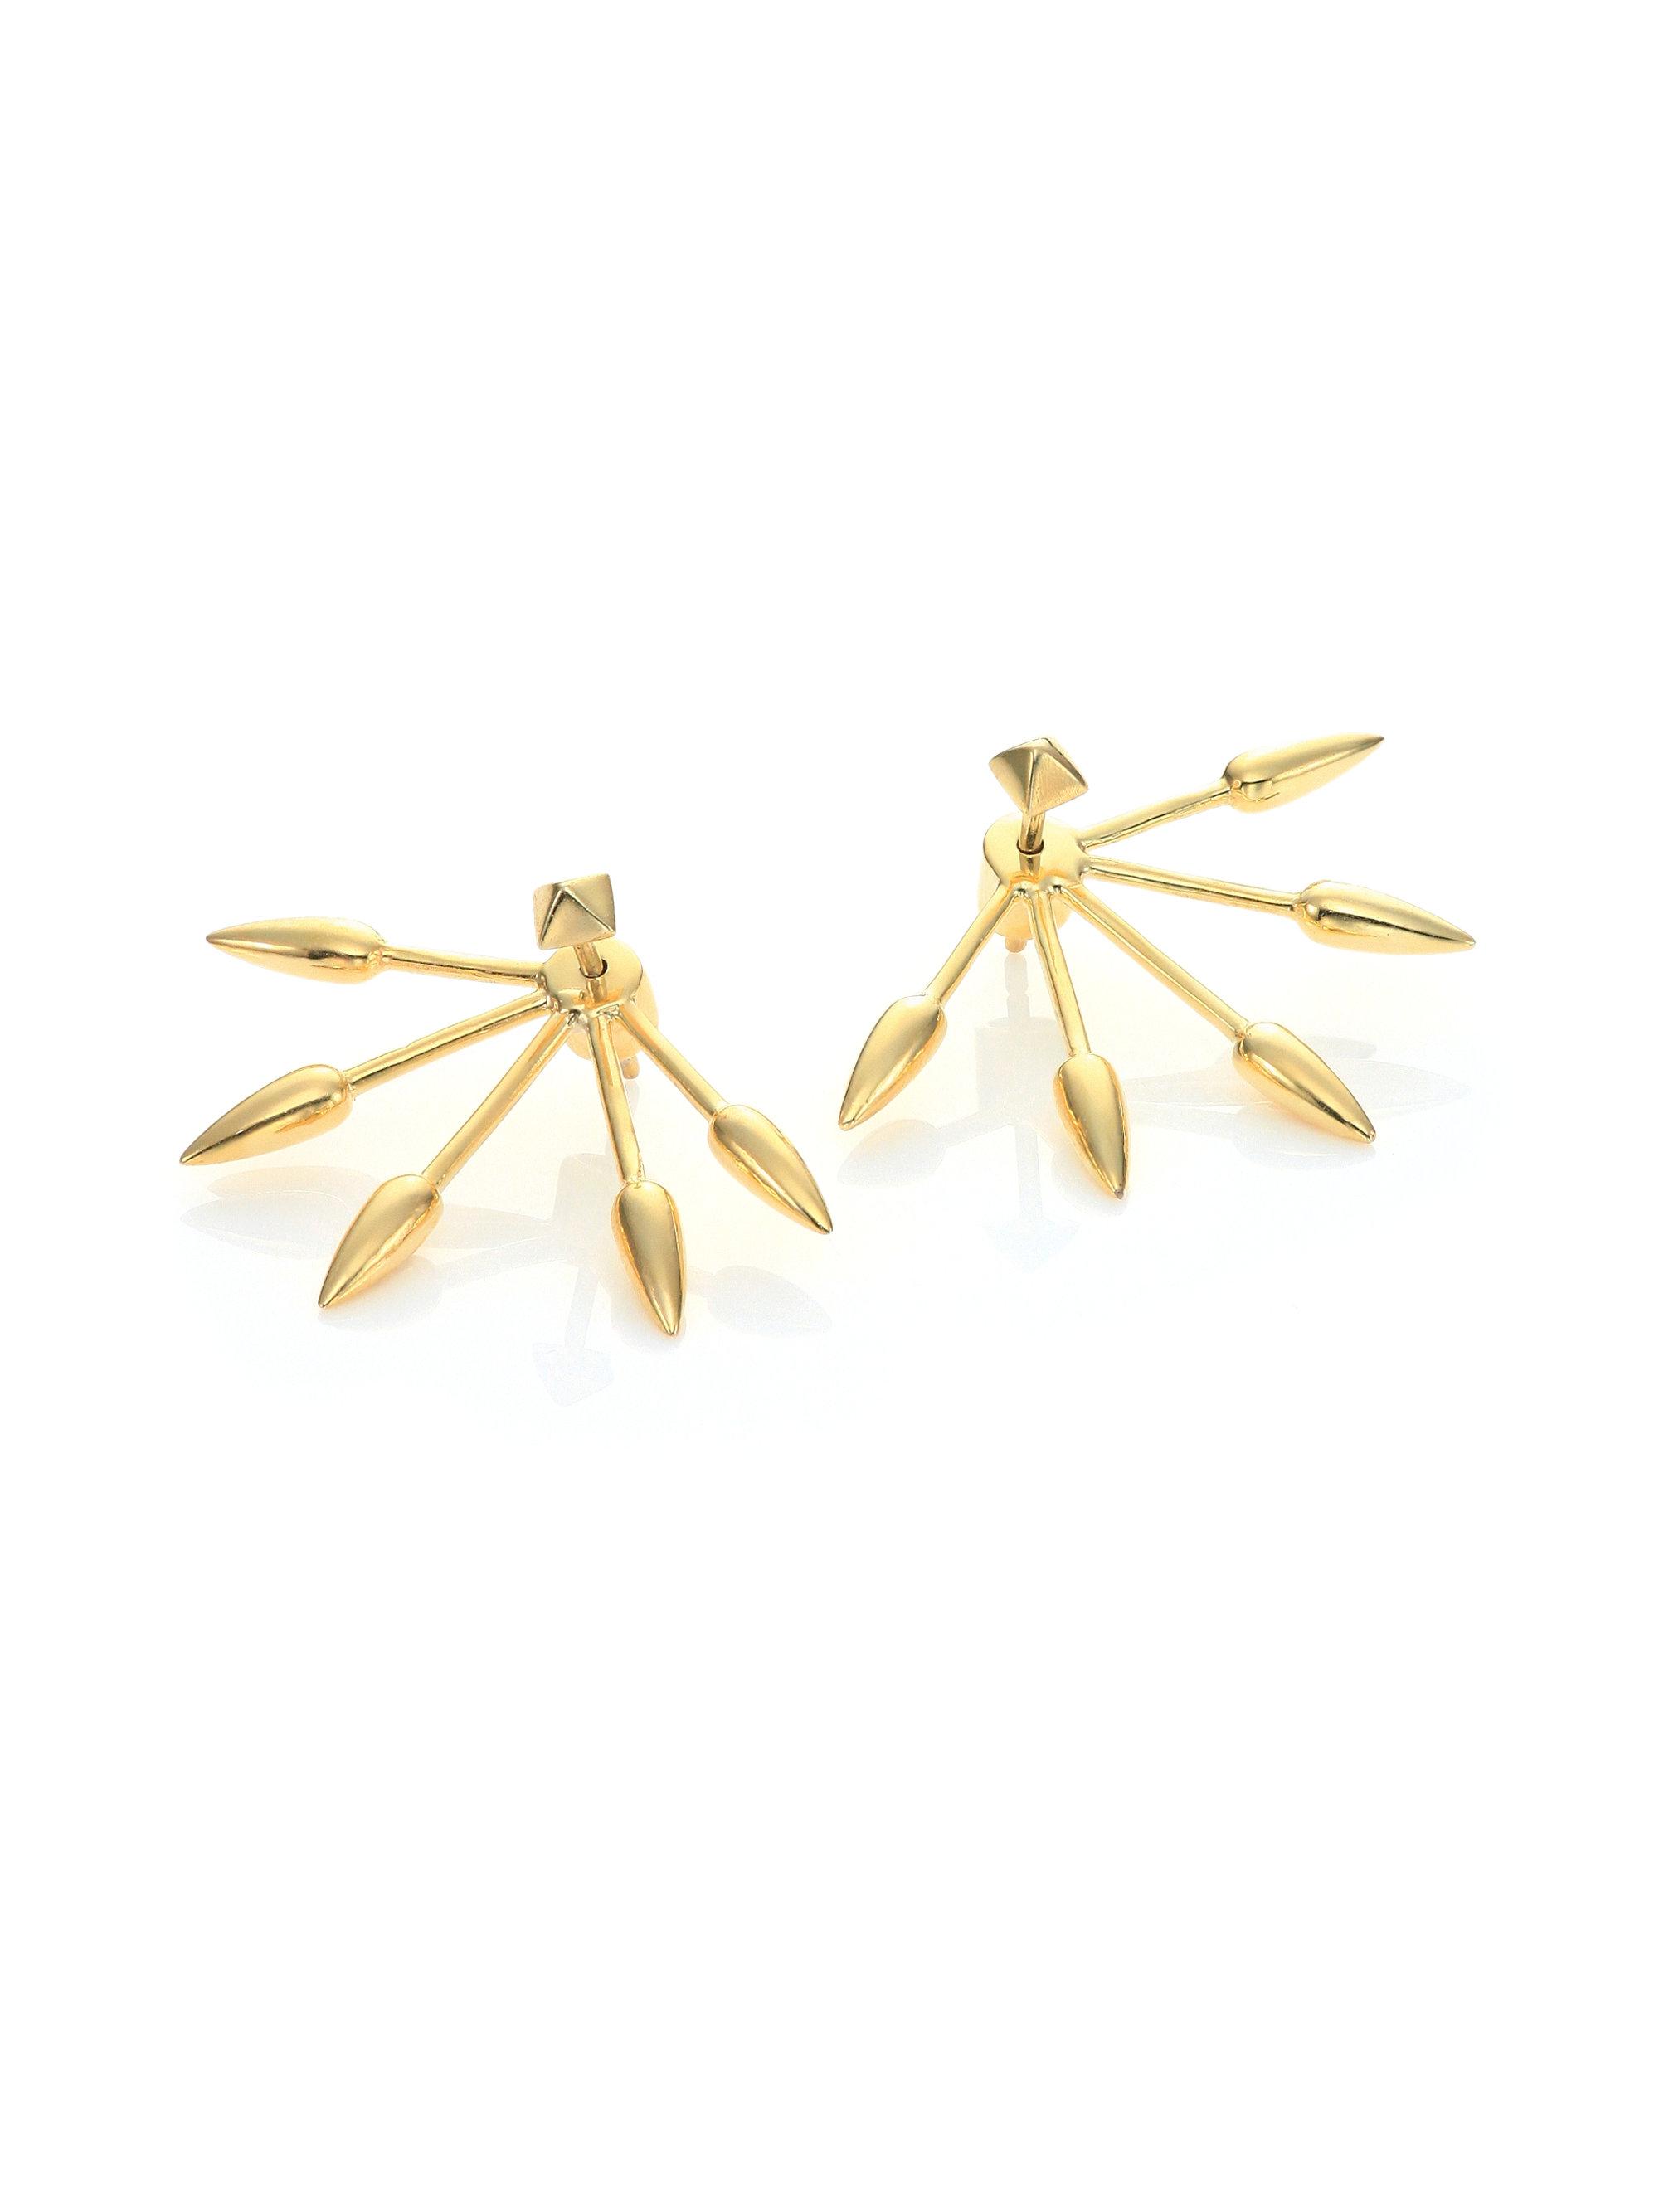 Five Spike Stud Earrings Lyst Pamela Love Five Spike Stud